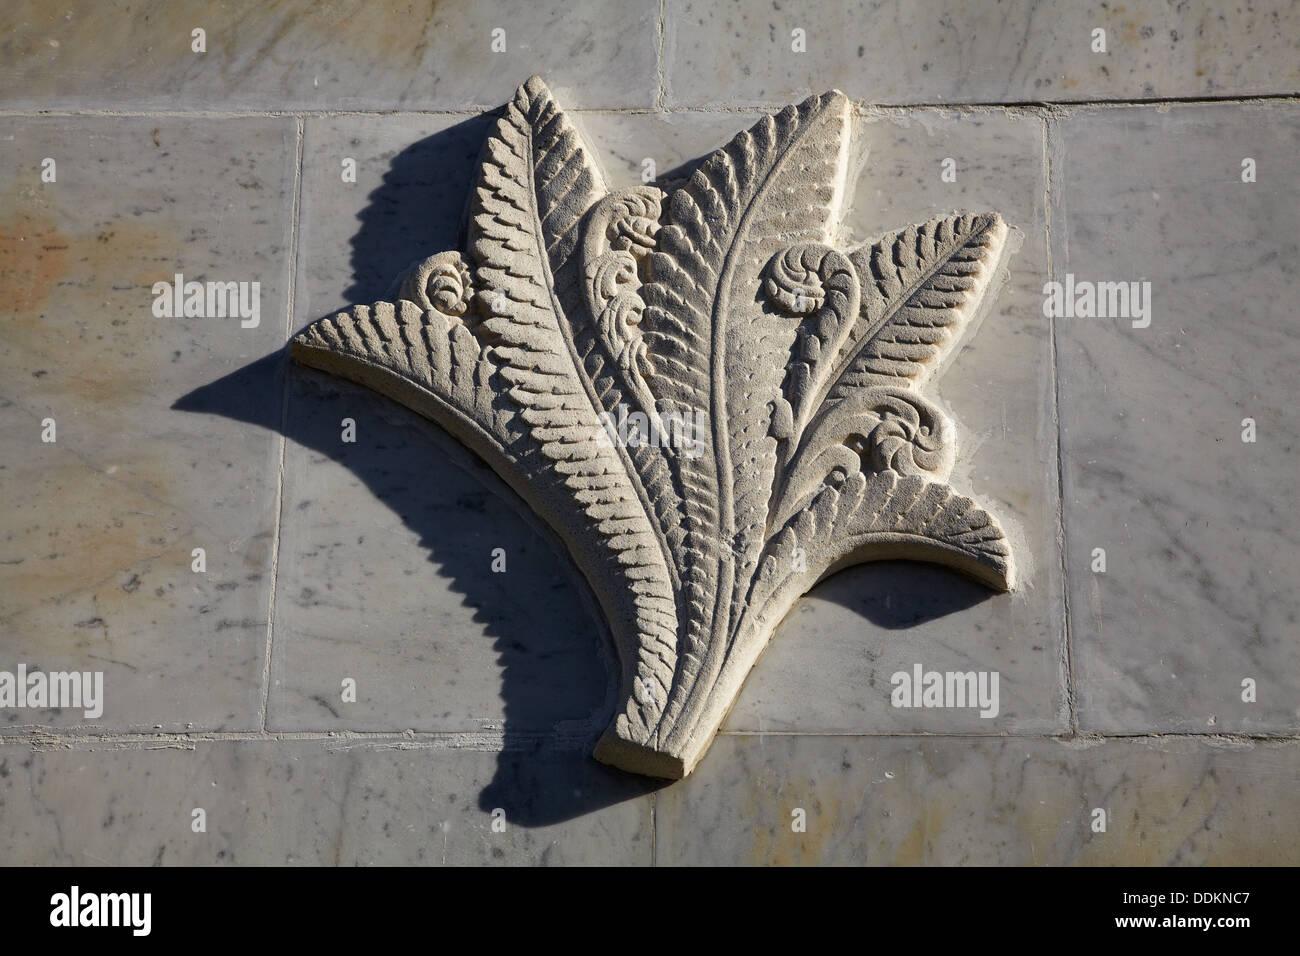 New Zealand Centennial memorial detail, Signal Hill Lookout, Dunedin, Otago, South Island, New Zealand - Stock Image